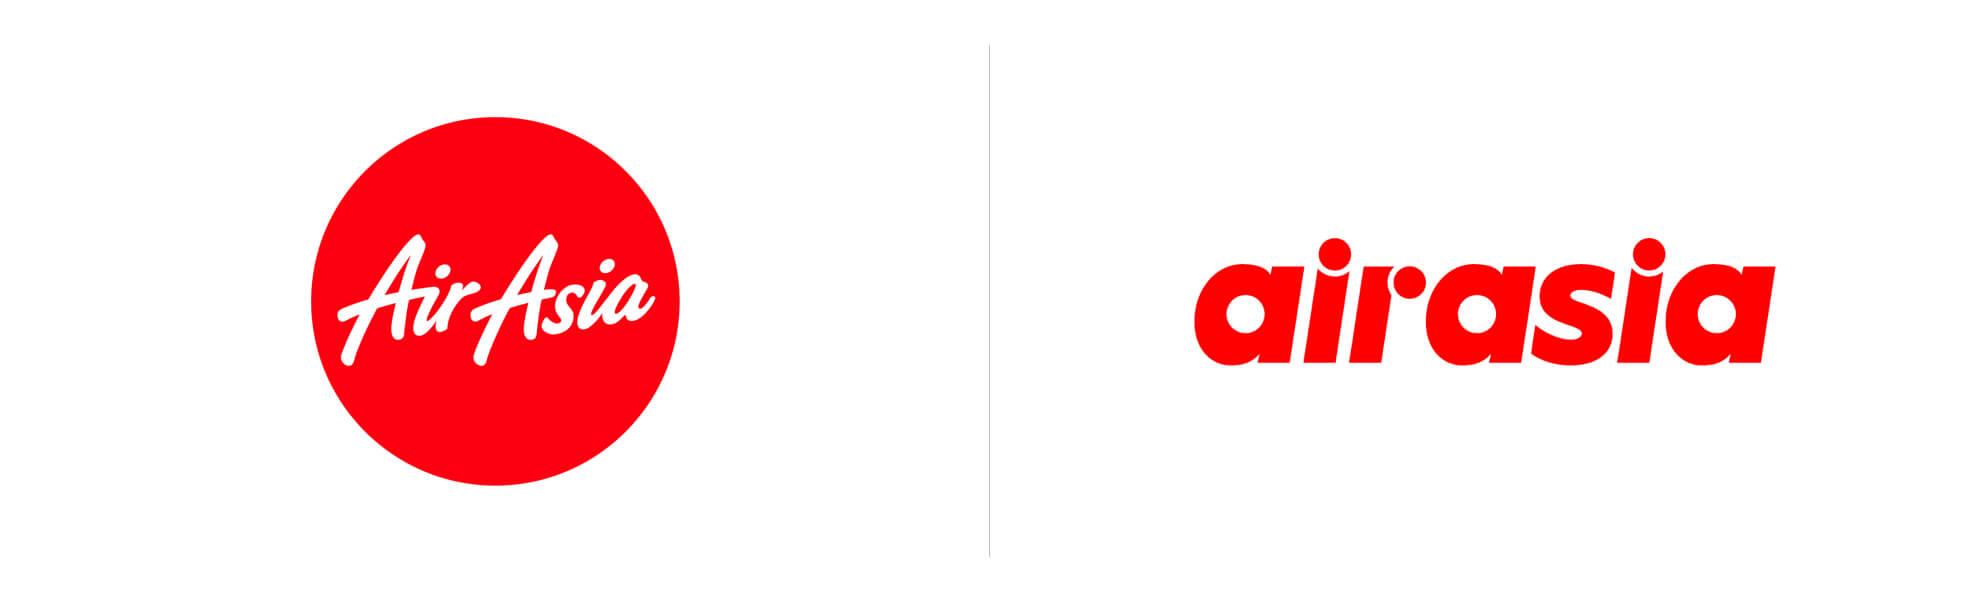 airasia znowym logo